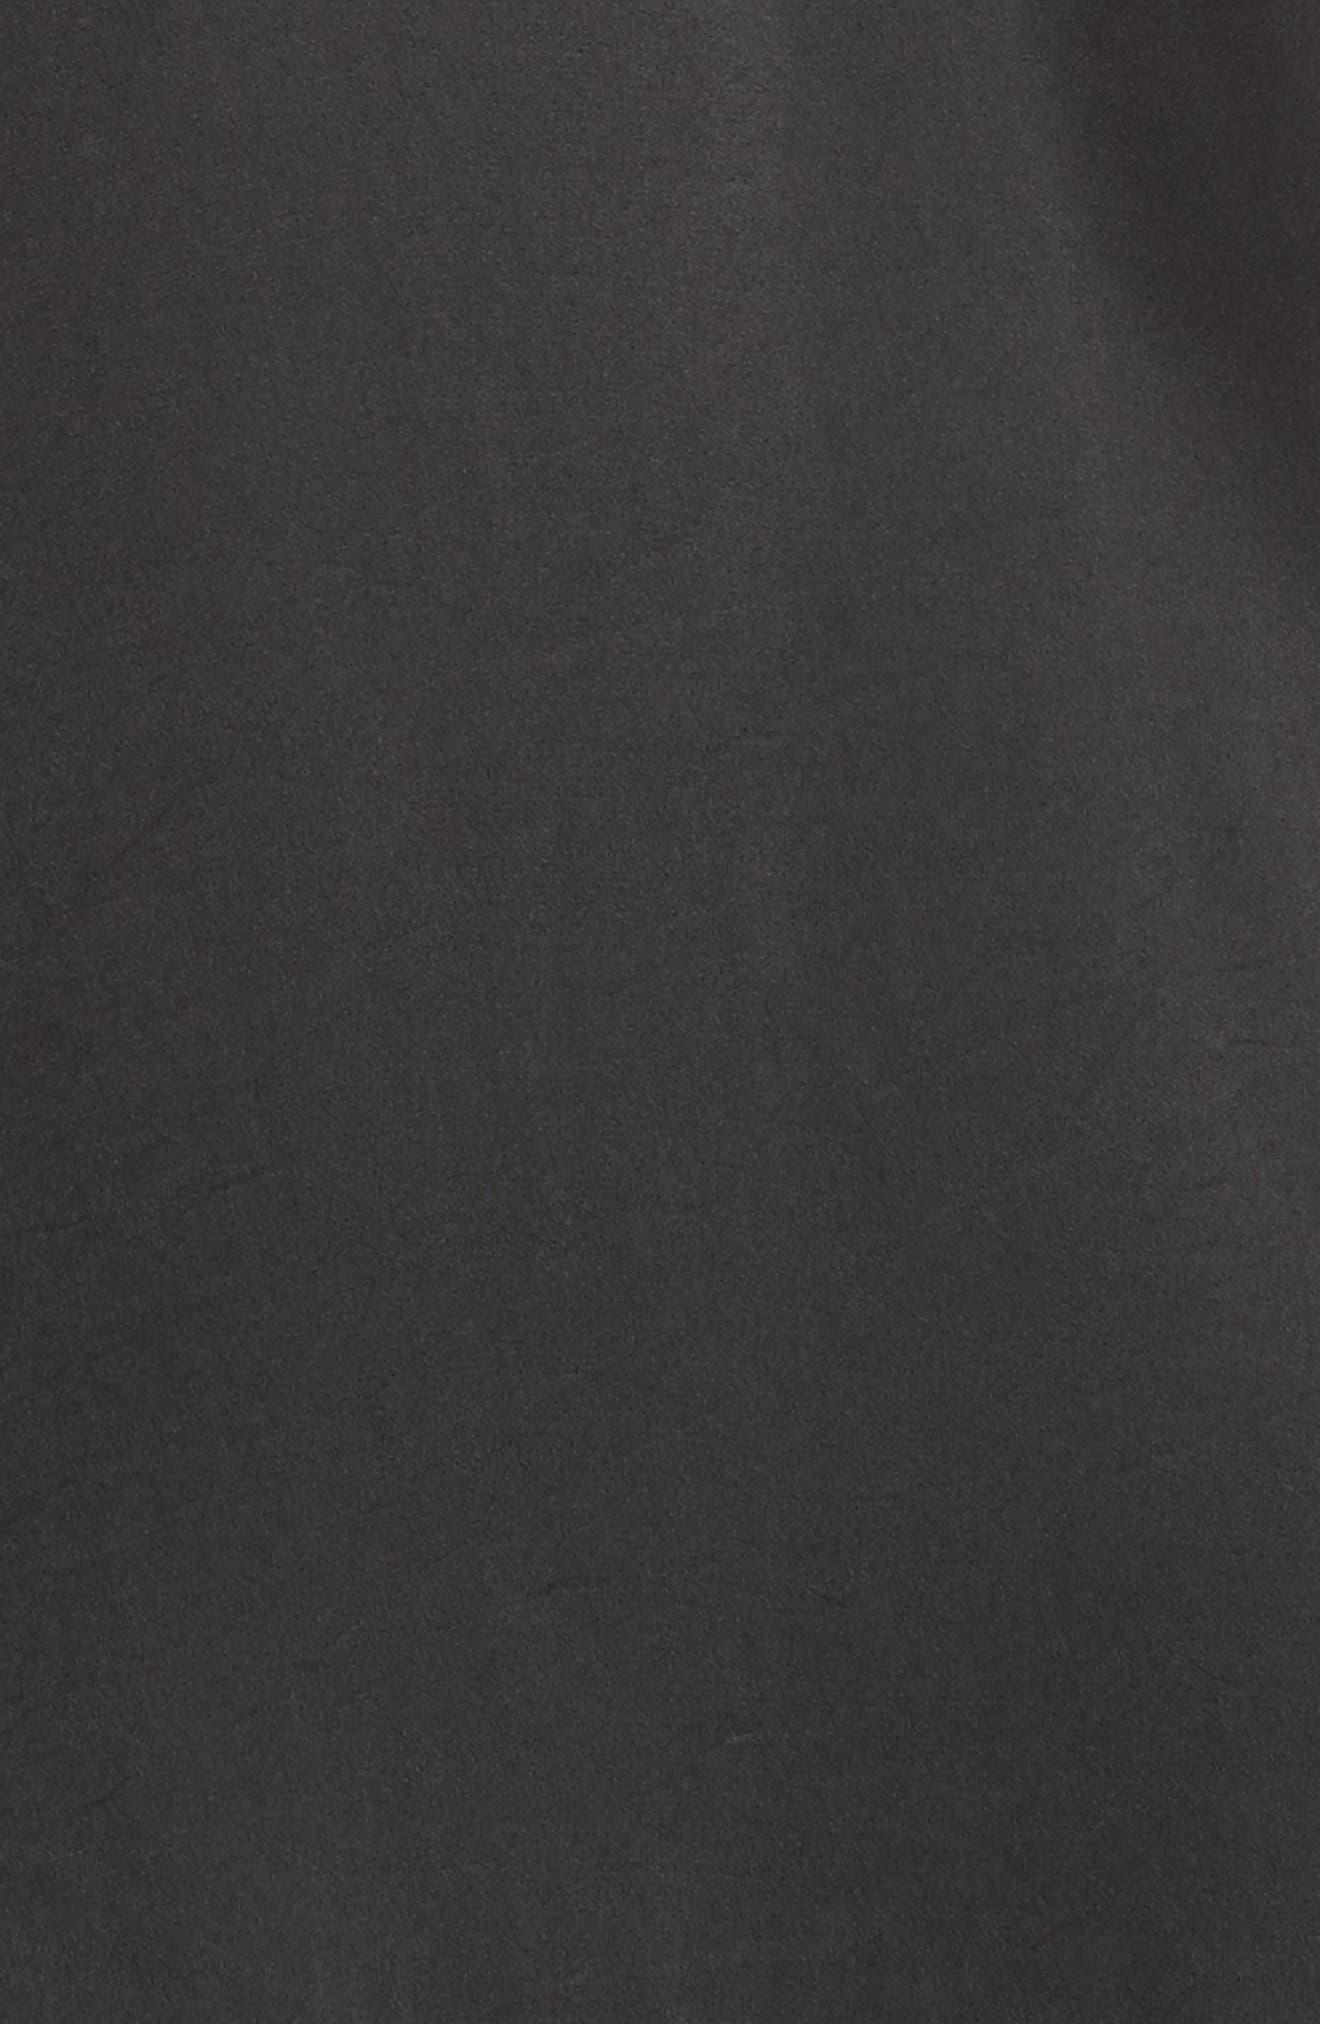 Mure Satin Midi Dress,                             Alternate thumbnail 5, color,                             001